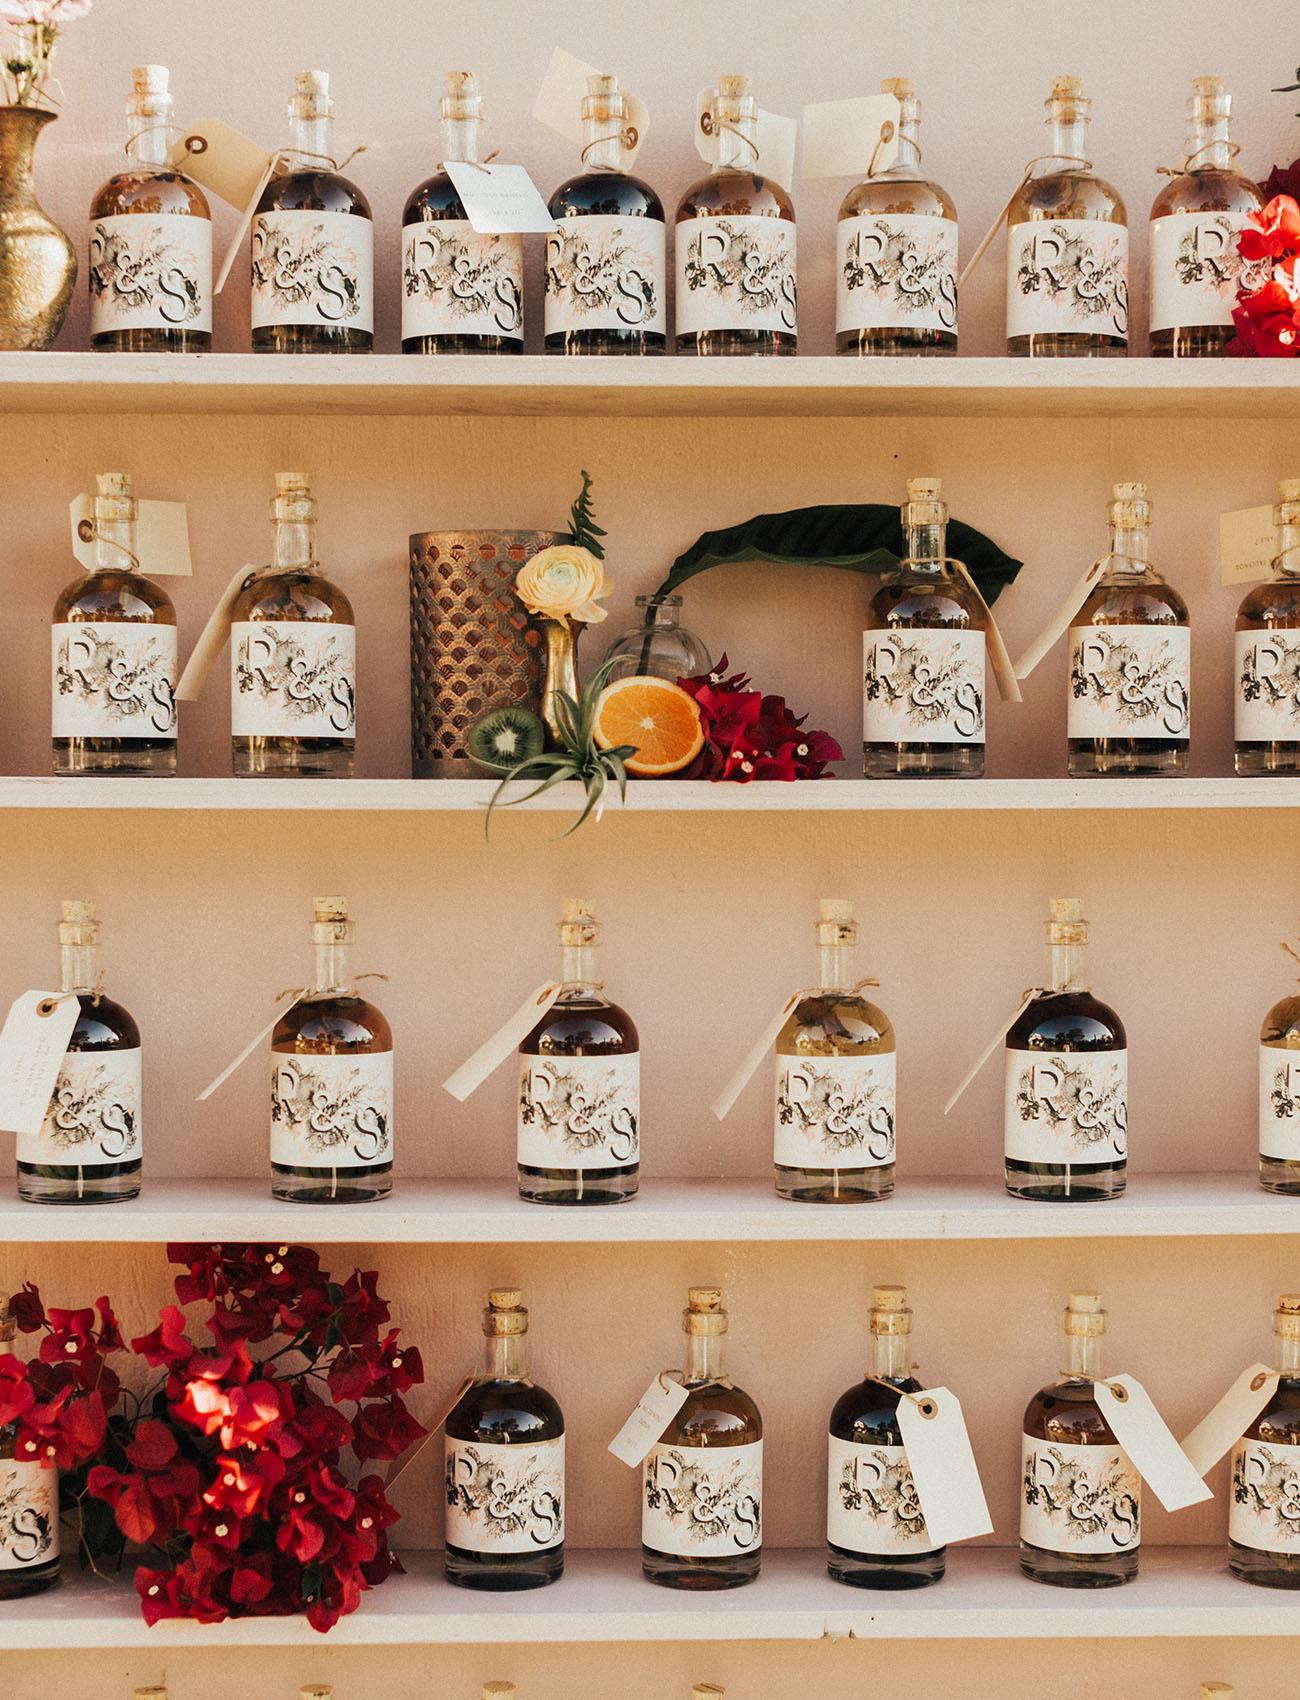 infused vodka escort display